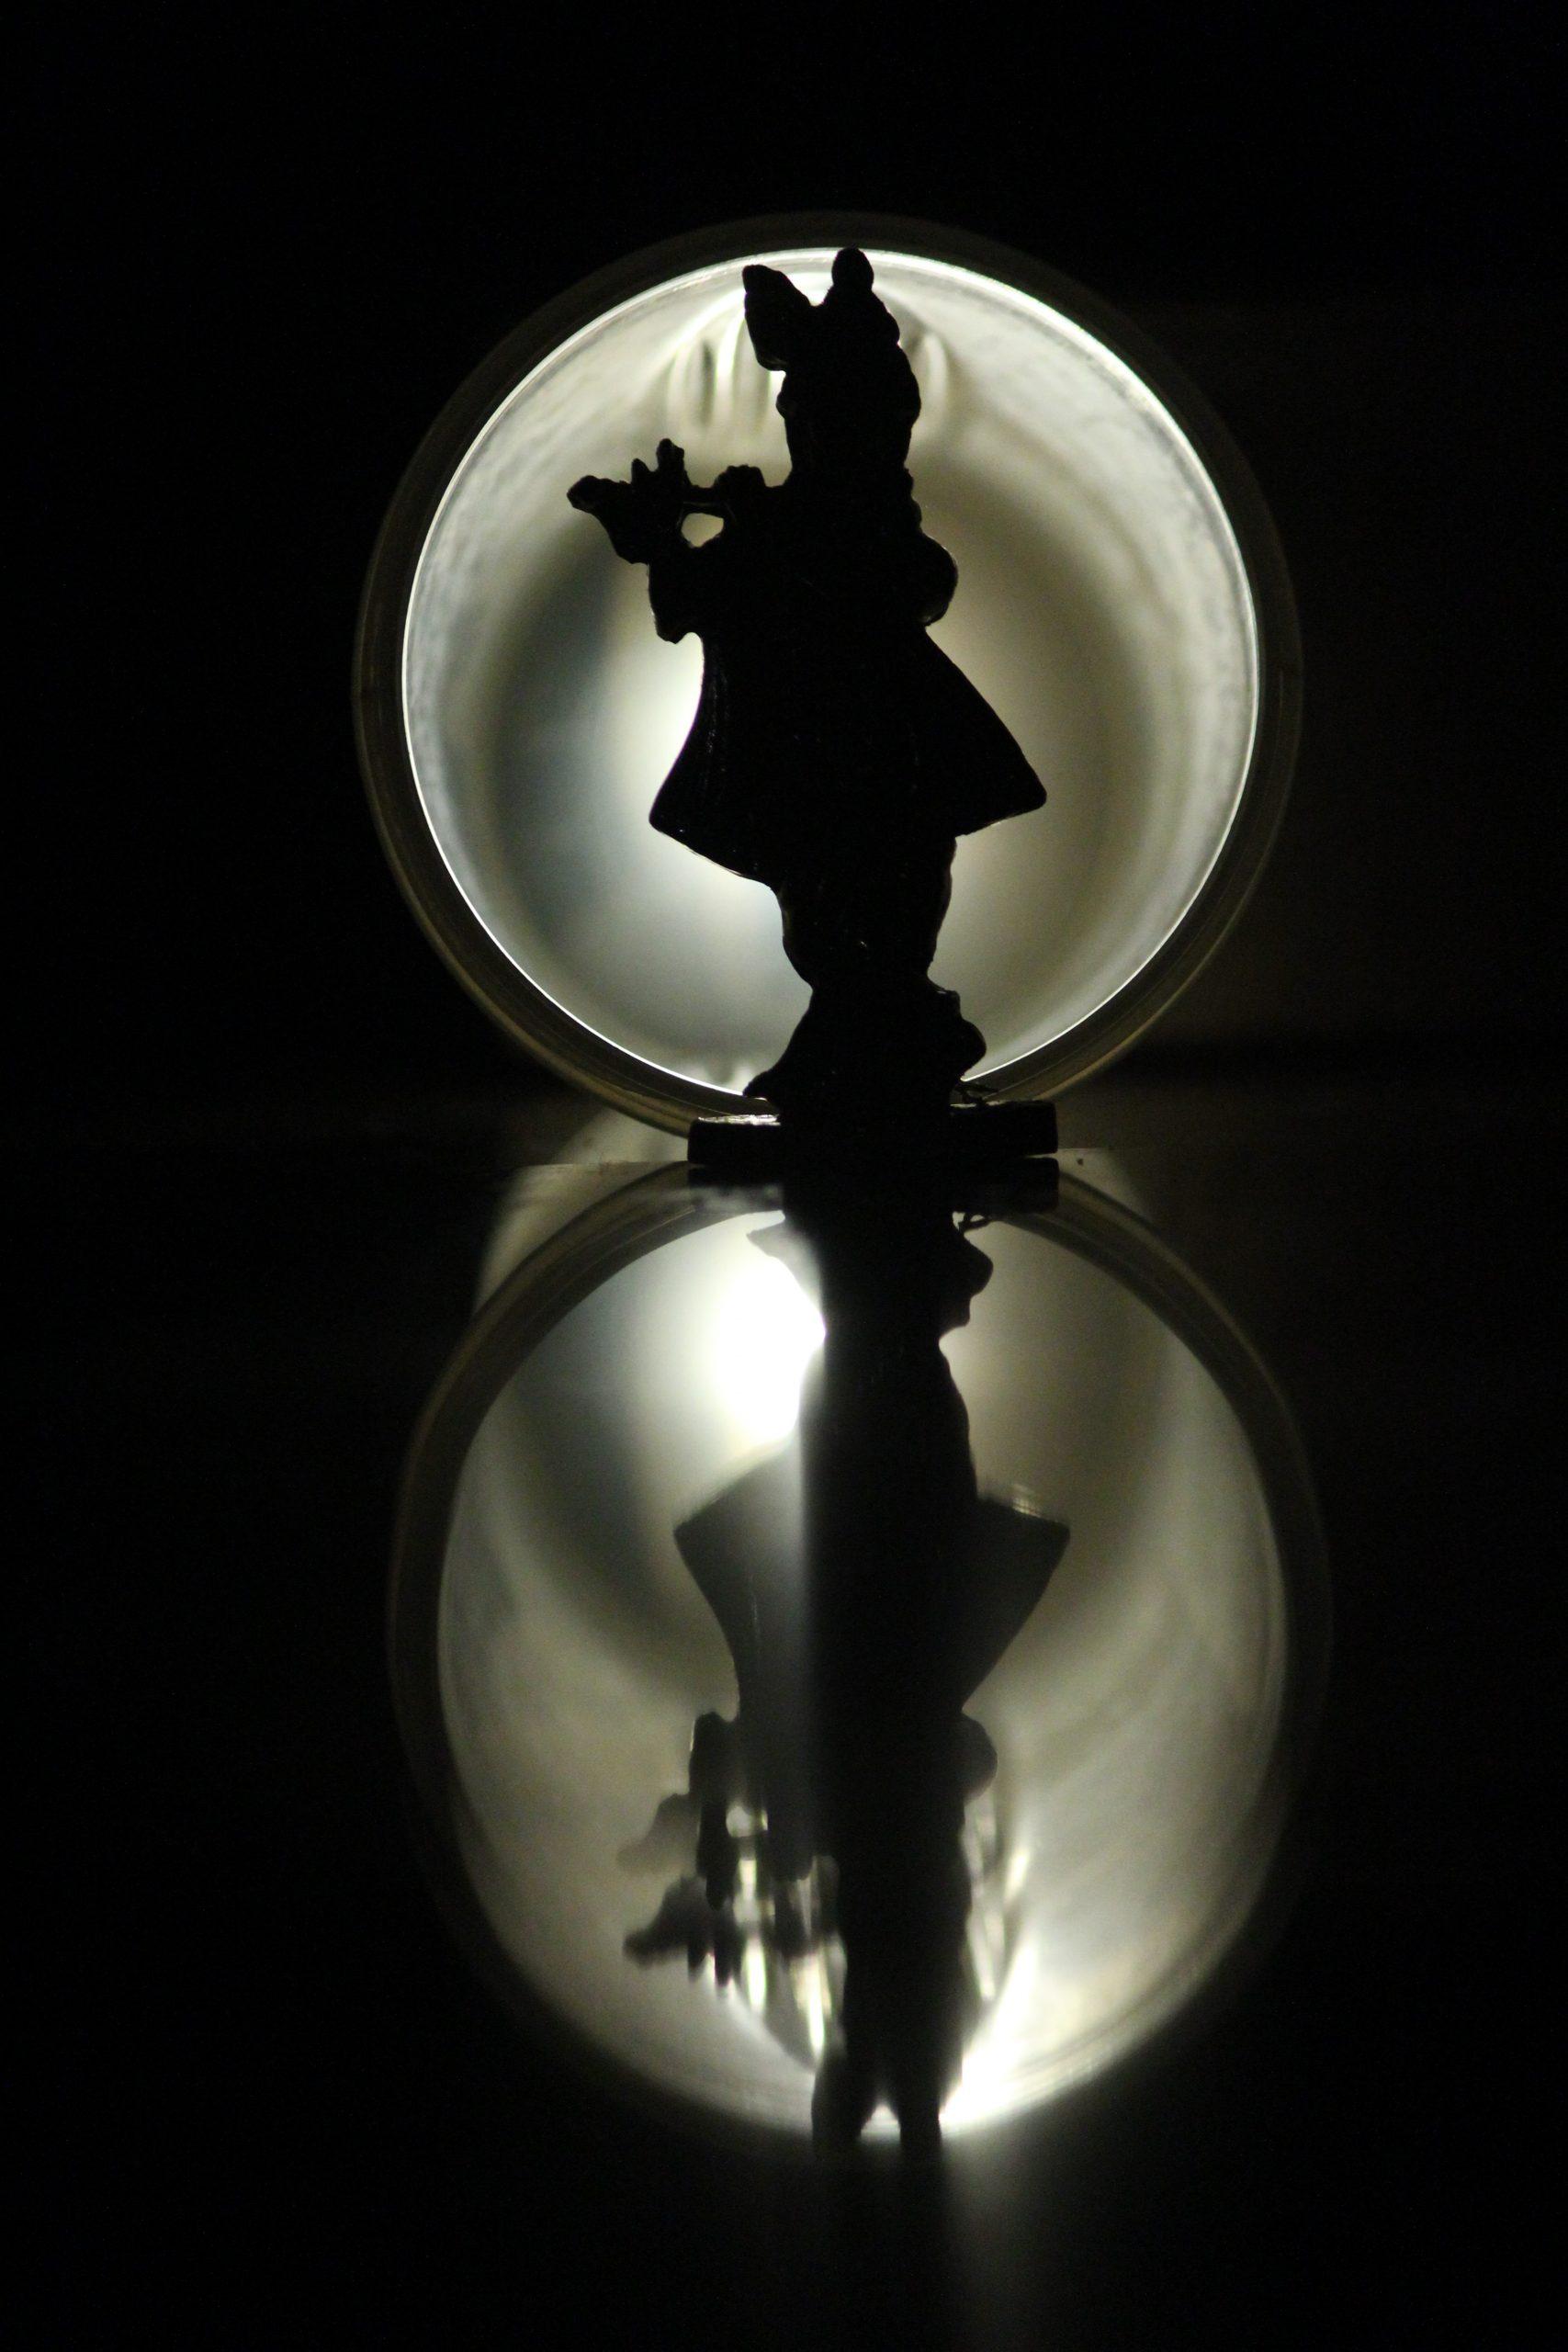 Lord Krishna statue in darkness